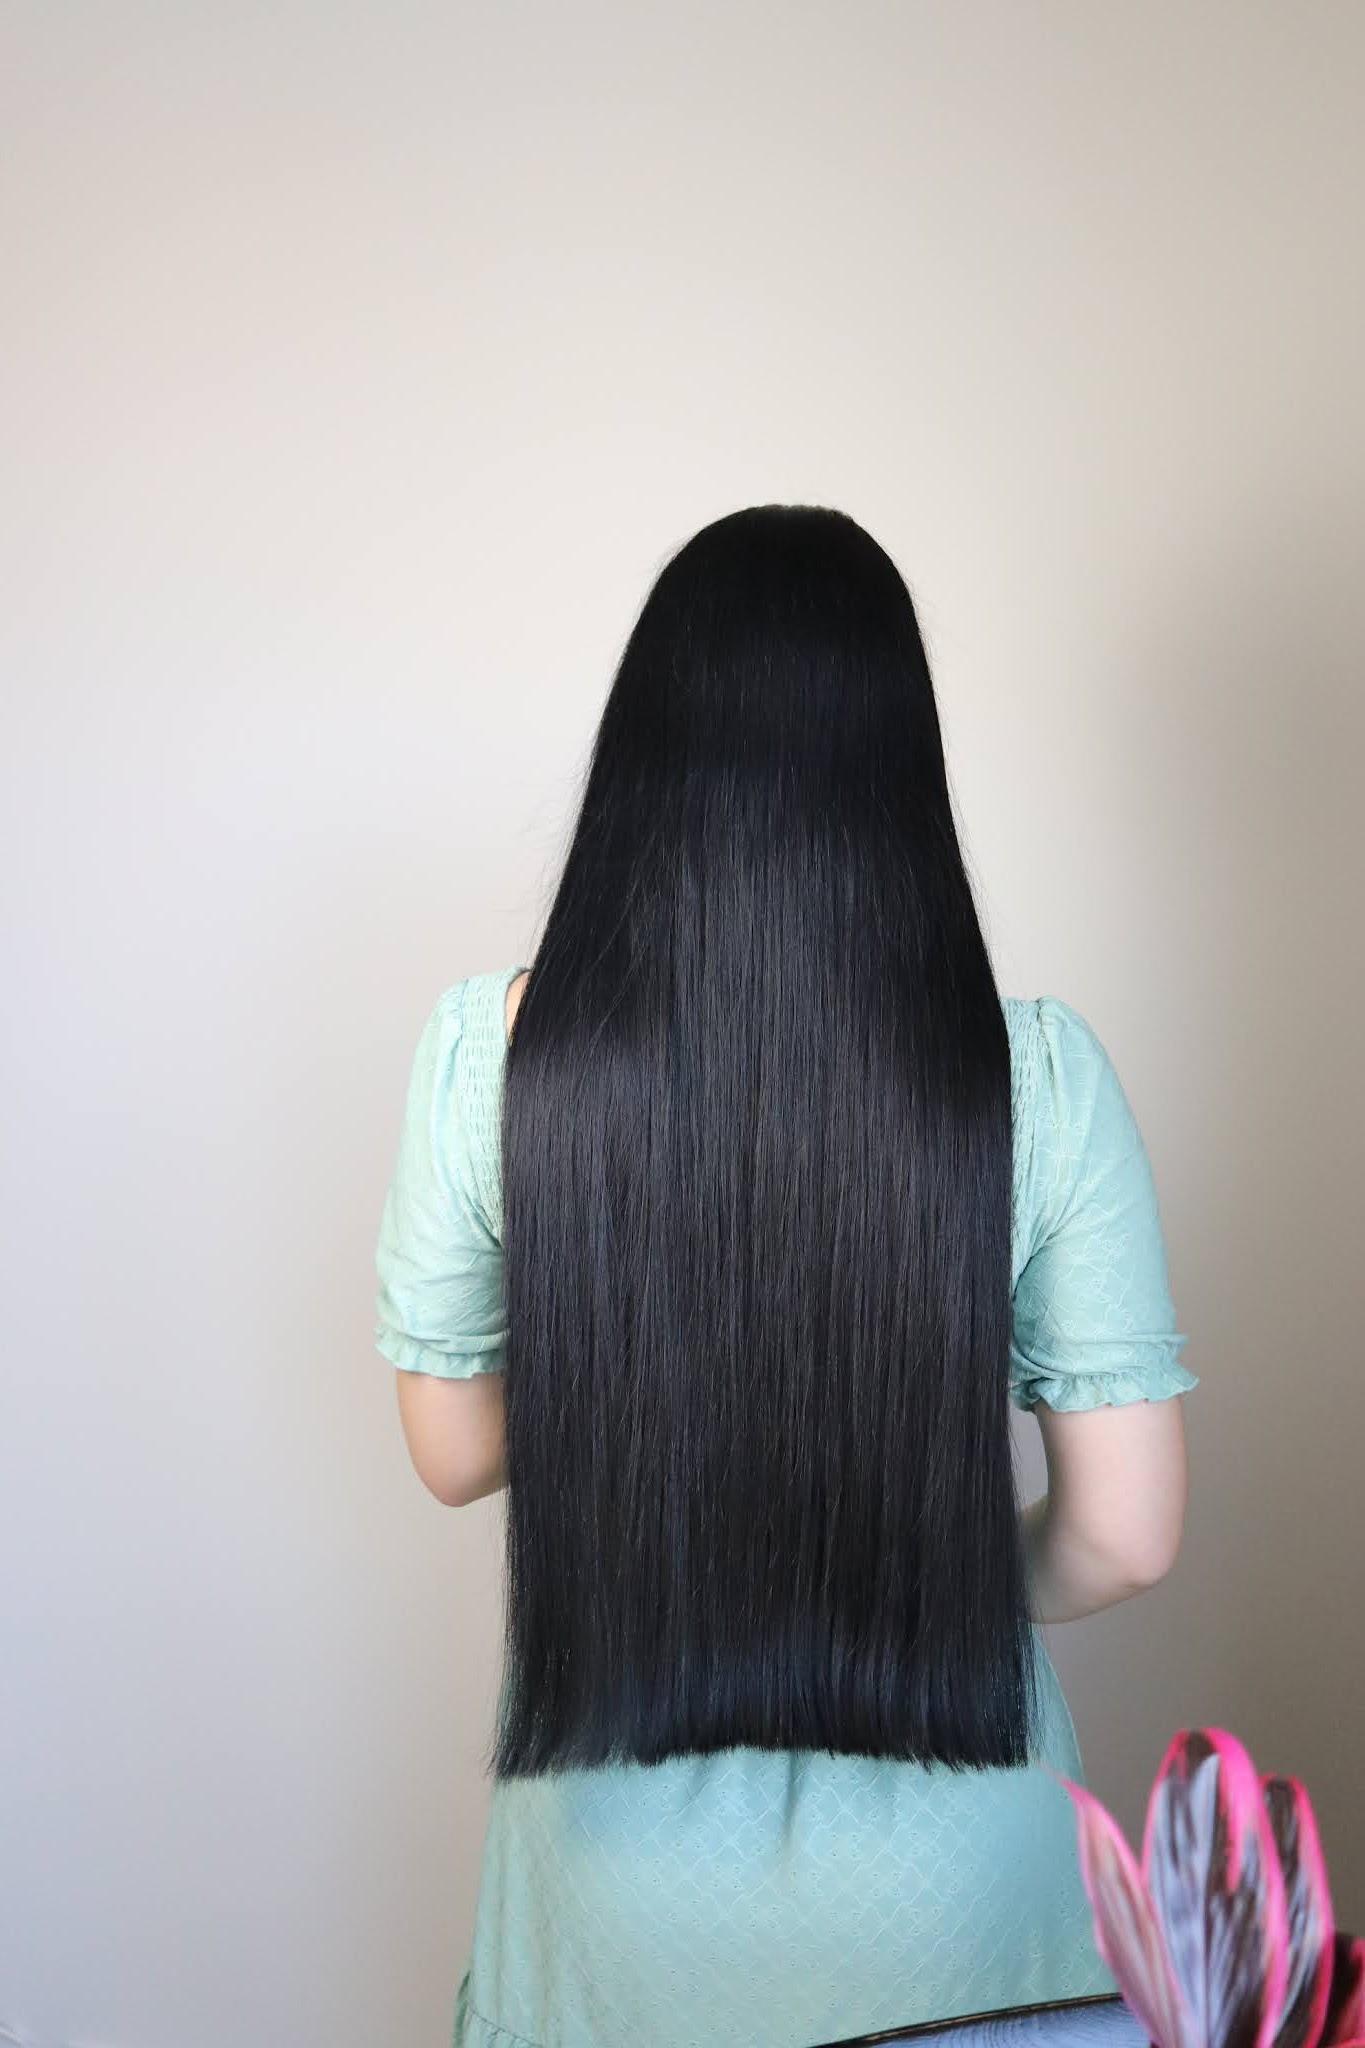 zdrowe włosy po podcięciu